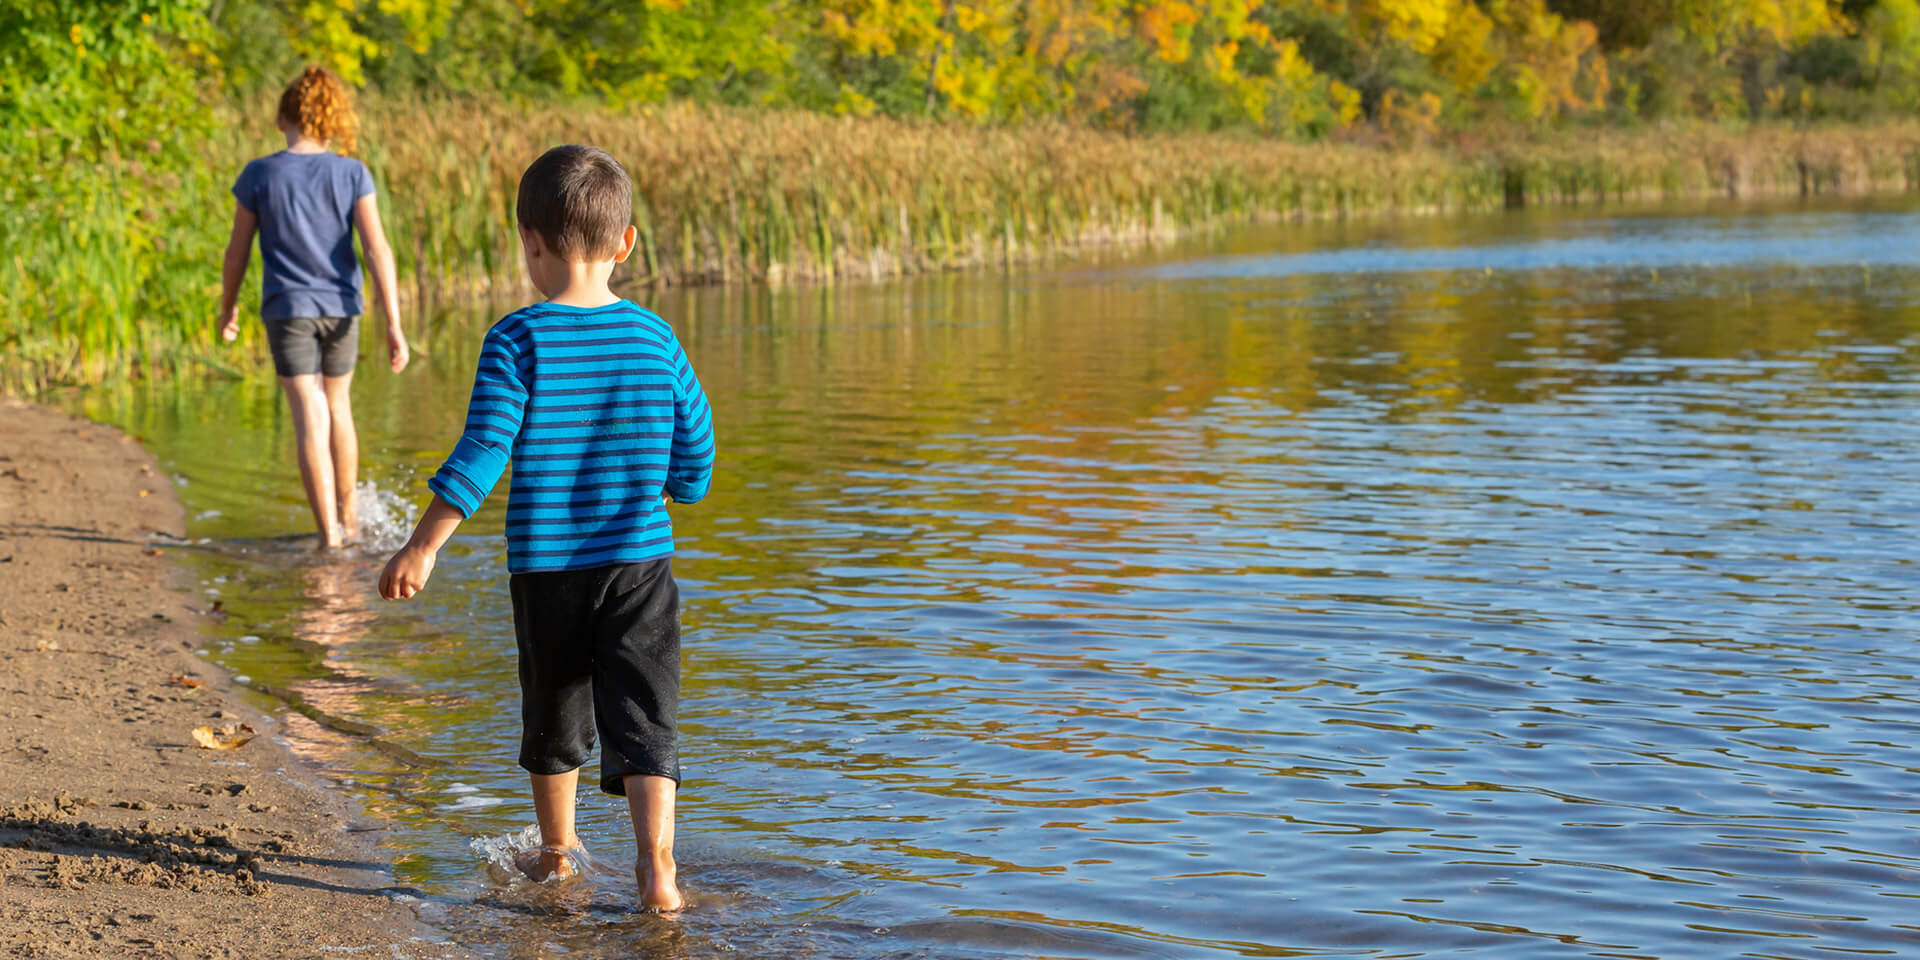 Kinder gehen am Ufer entlang